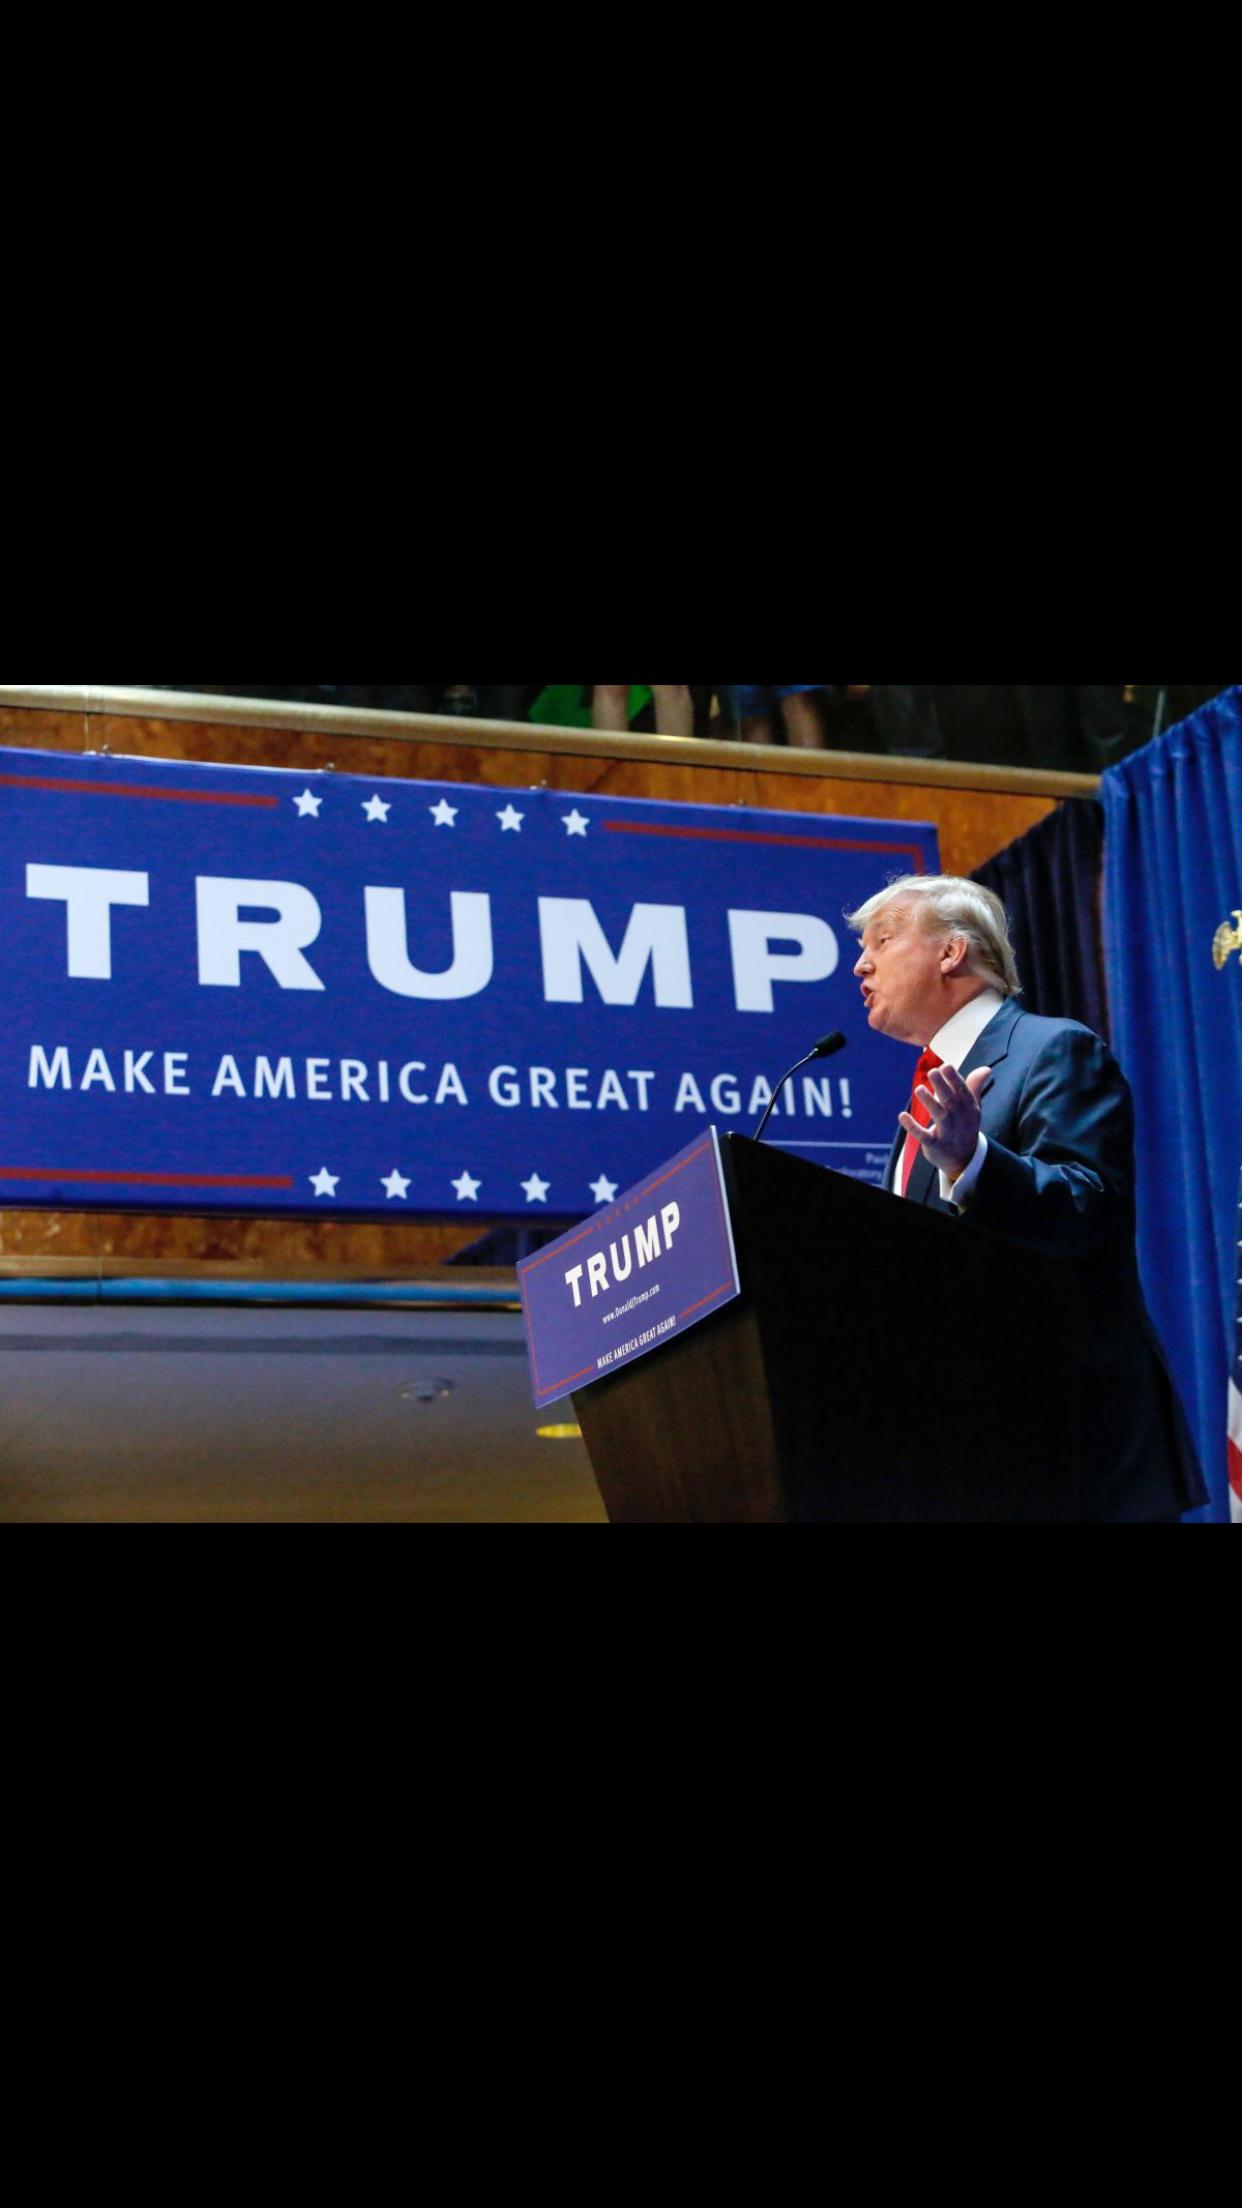 I support Donald Trump #Trump #Trump2016 #WeWon #Conservative #MAGA